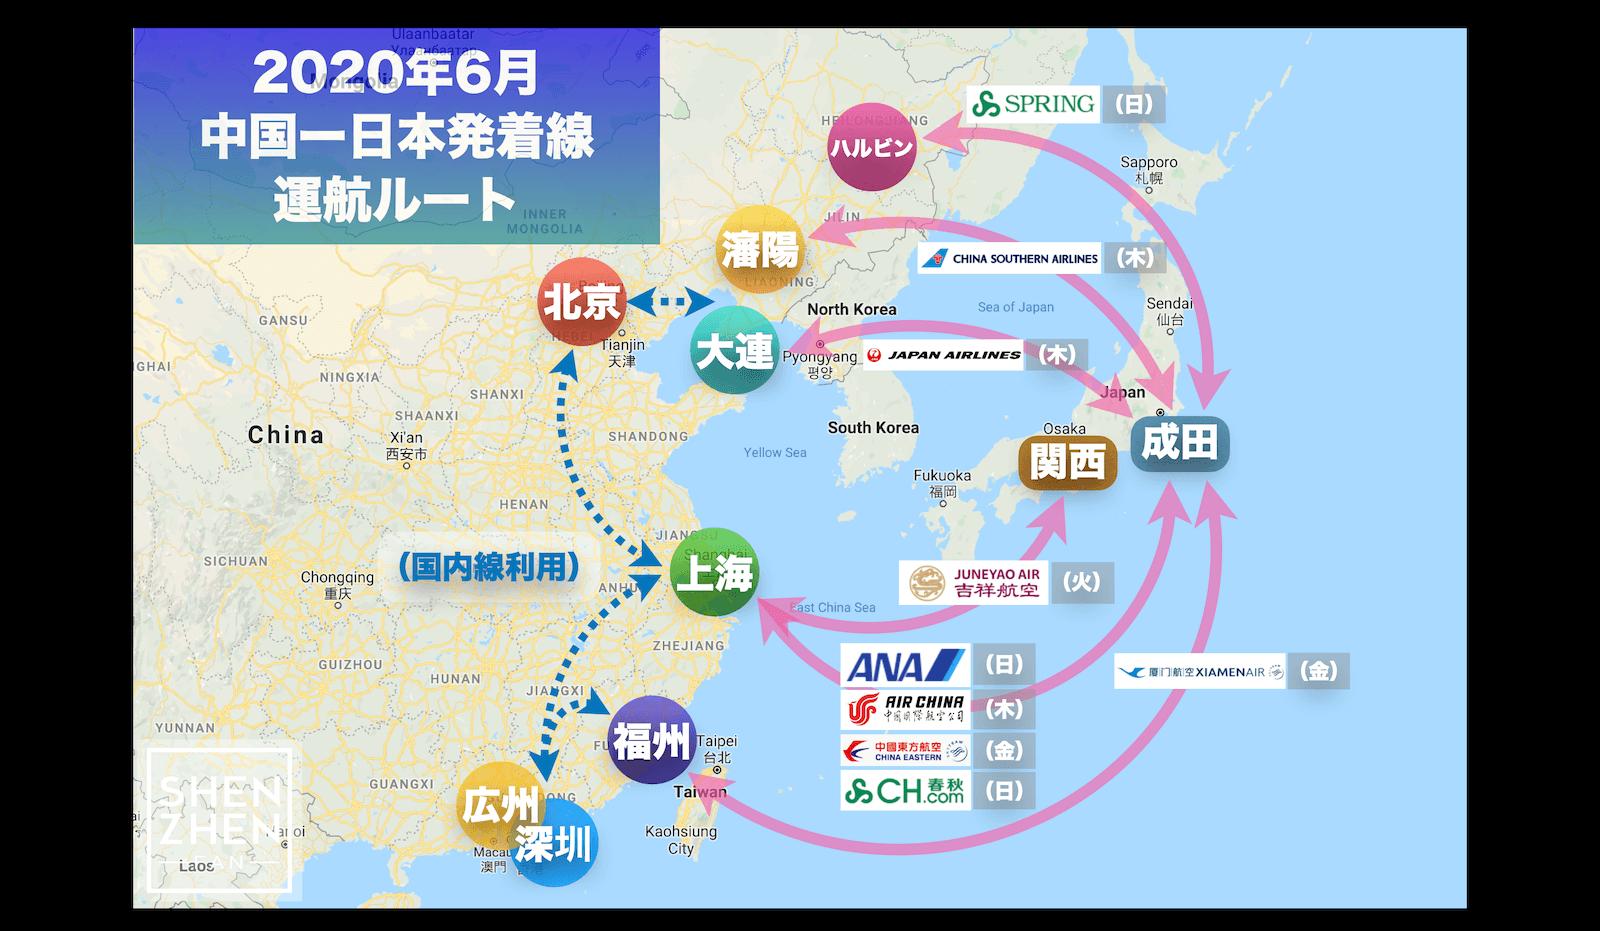 【2020年6月版】中国発着 国際便運航スケジュール・発着ルート